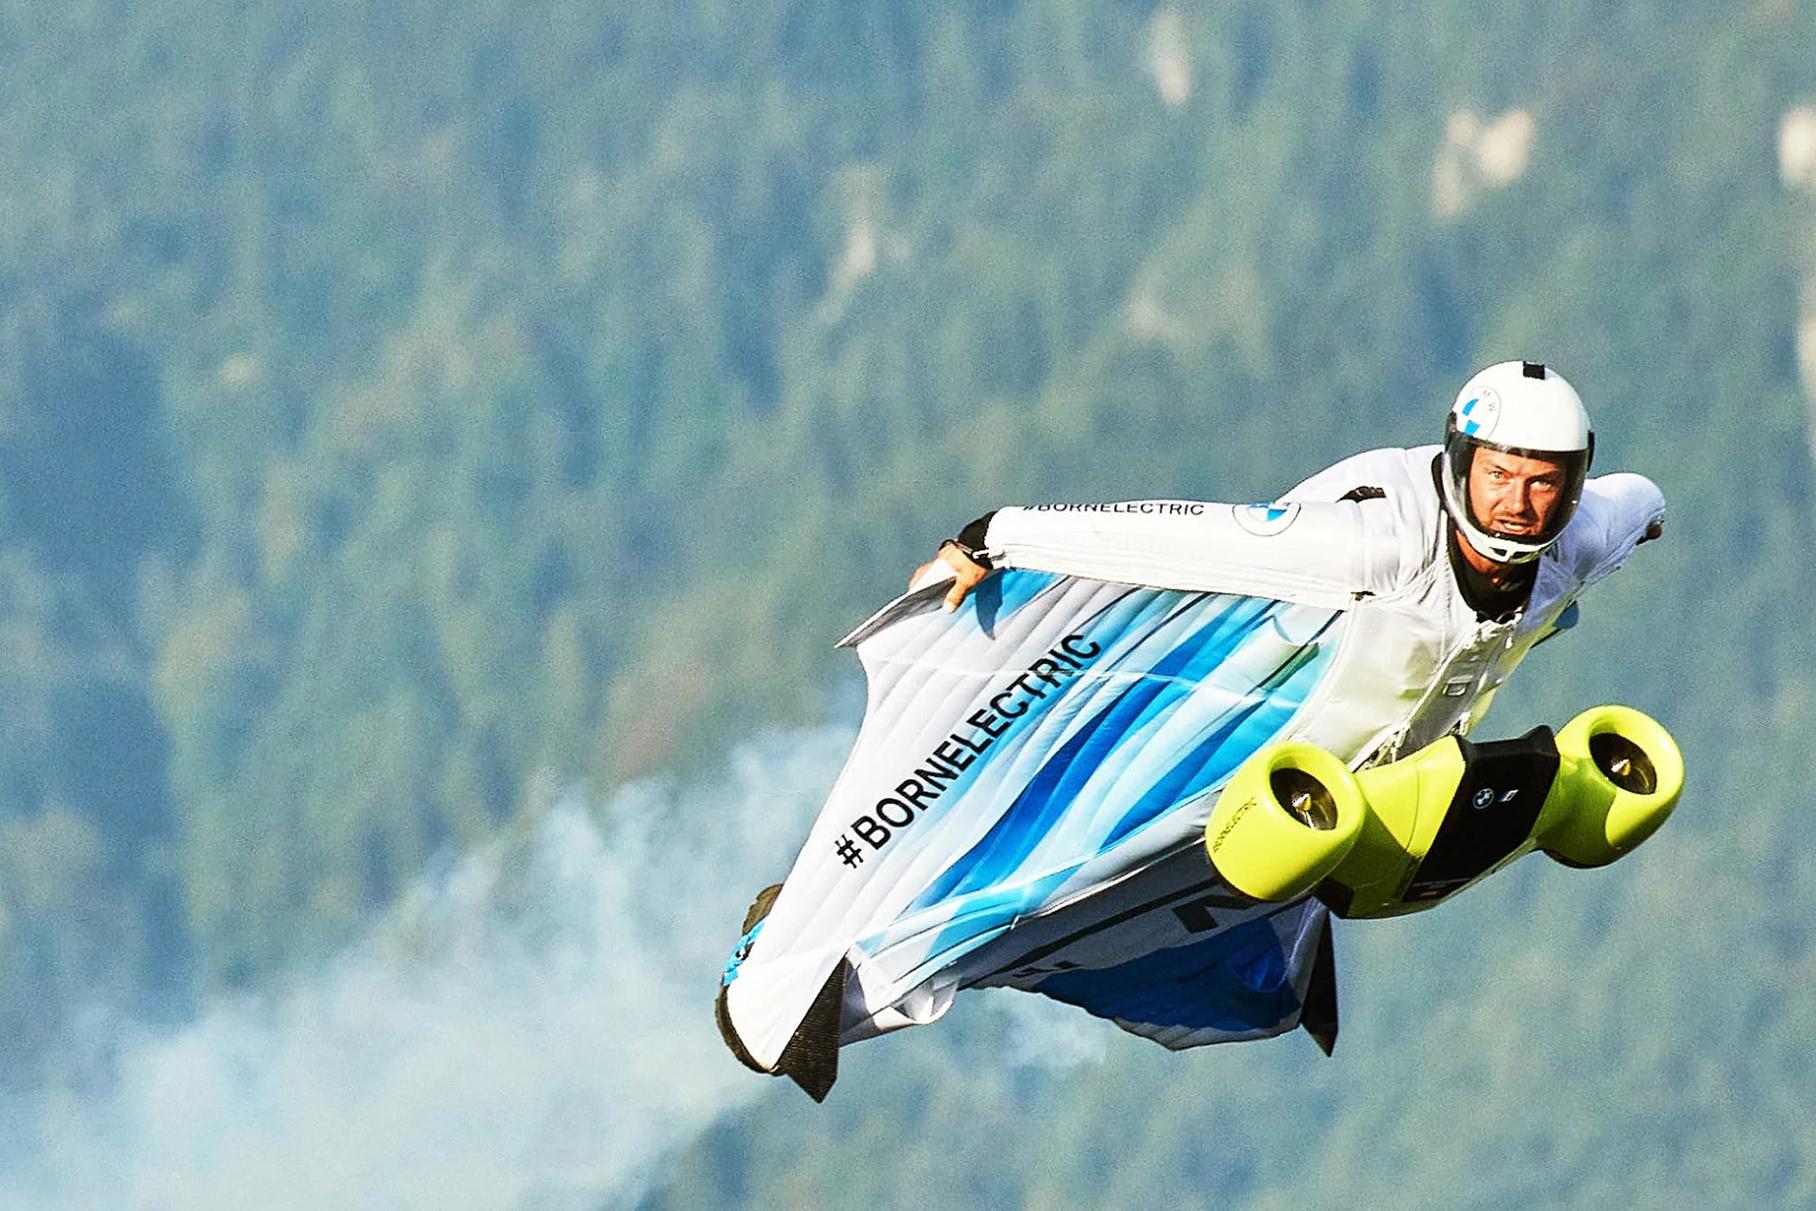 Видео: испытания костюма BMW, в котором можно летать со скоростью 300 км/ч